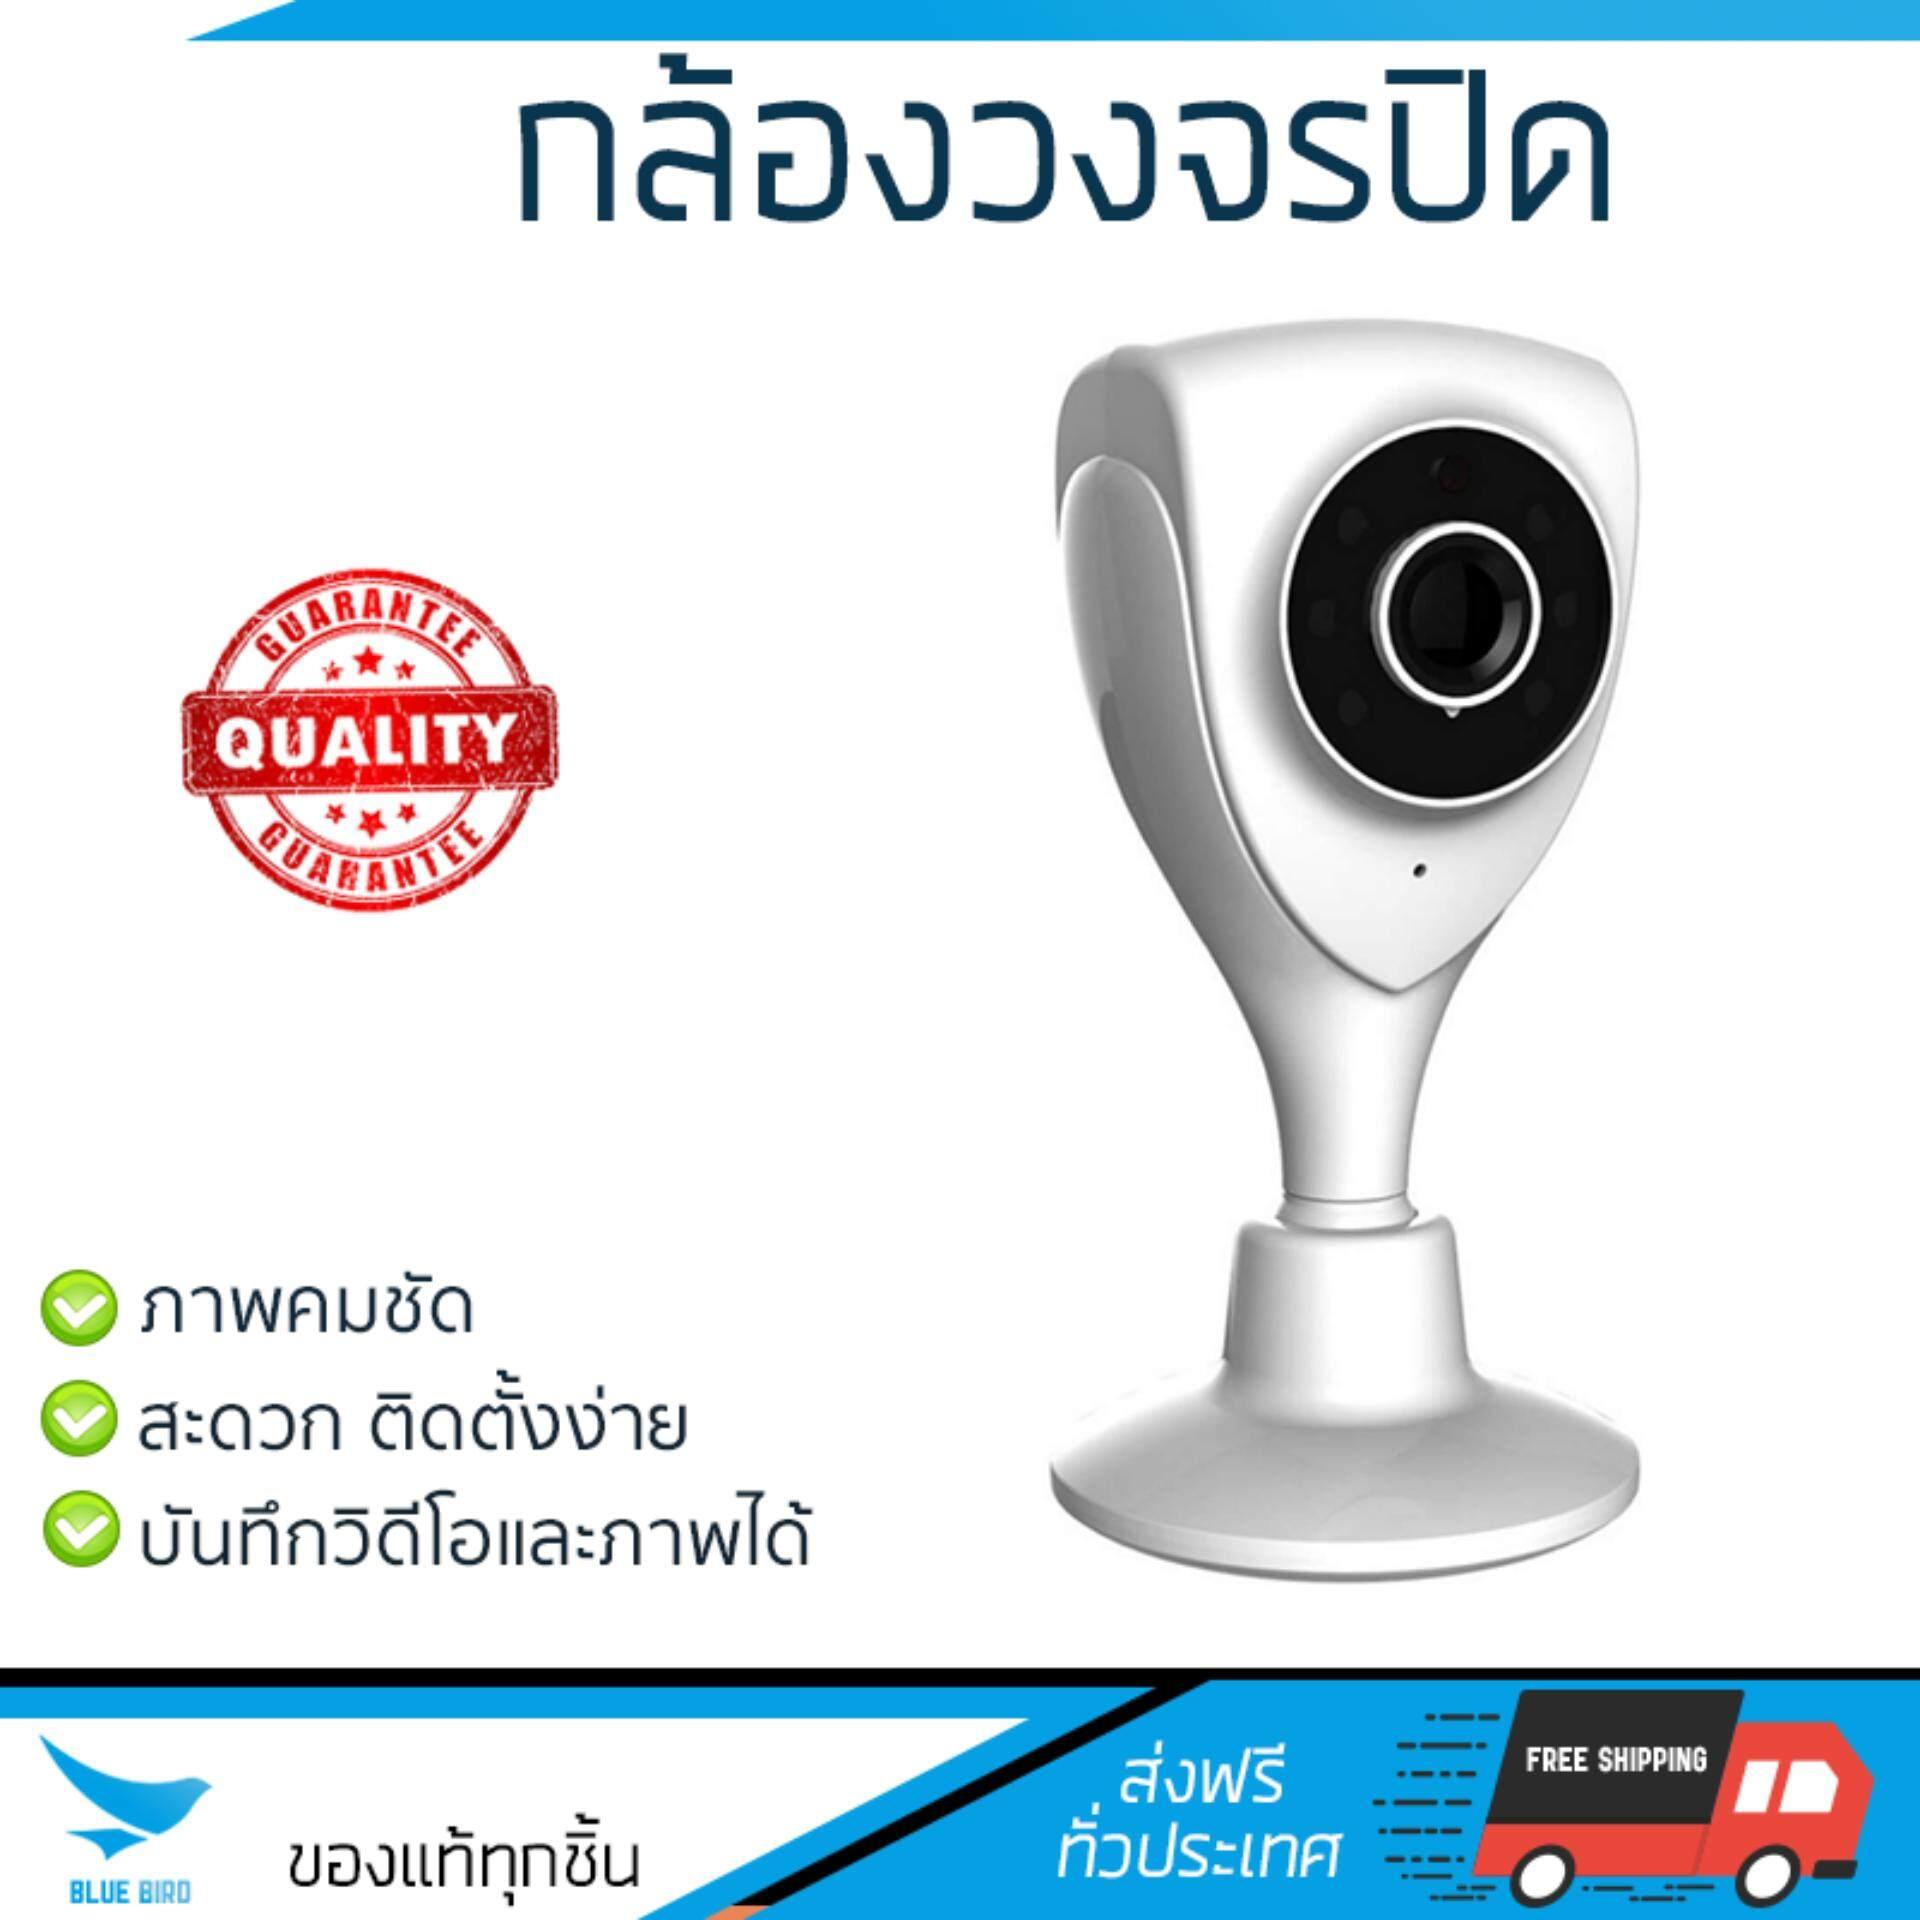 ขายดีมาก! โปรโมชัน กล้องวงจรปิด           VIMTAG กล้องวงจรปิดภายในบ้าน รุ่น SHIELD 720P-CM1             ภาพคมชัด ปรับมุมมองได้ กล้อง IP Camera รับประกันสินค้า 1 ปี จัดส่งฟรี Kerry ทั่วประเทศ